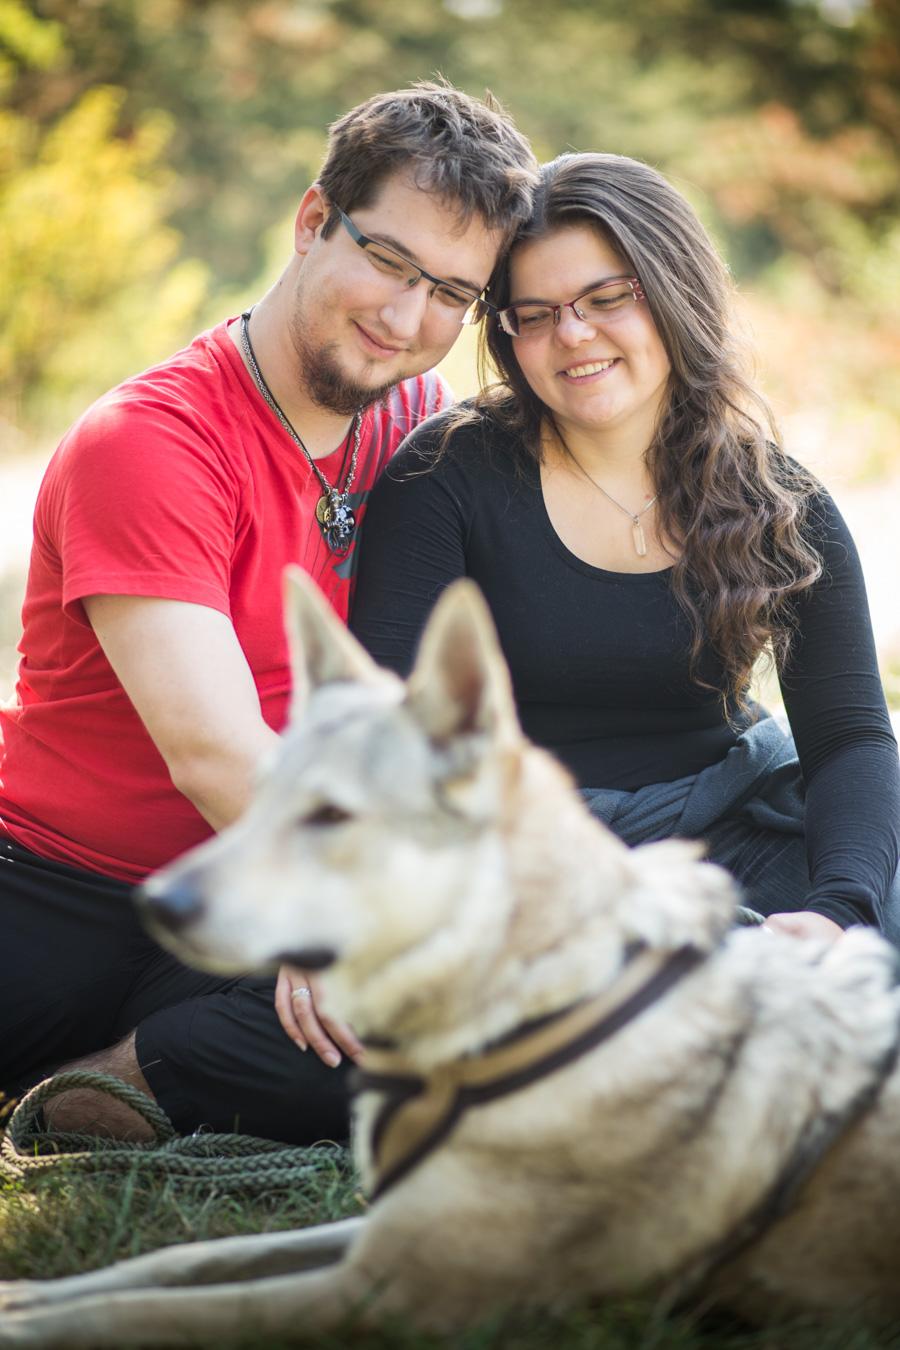 Fotografie zamilovaného páru v podzimní Praze s českým vlčákem